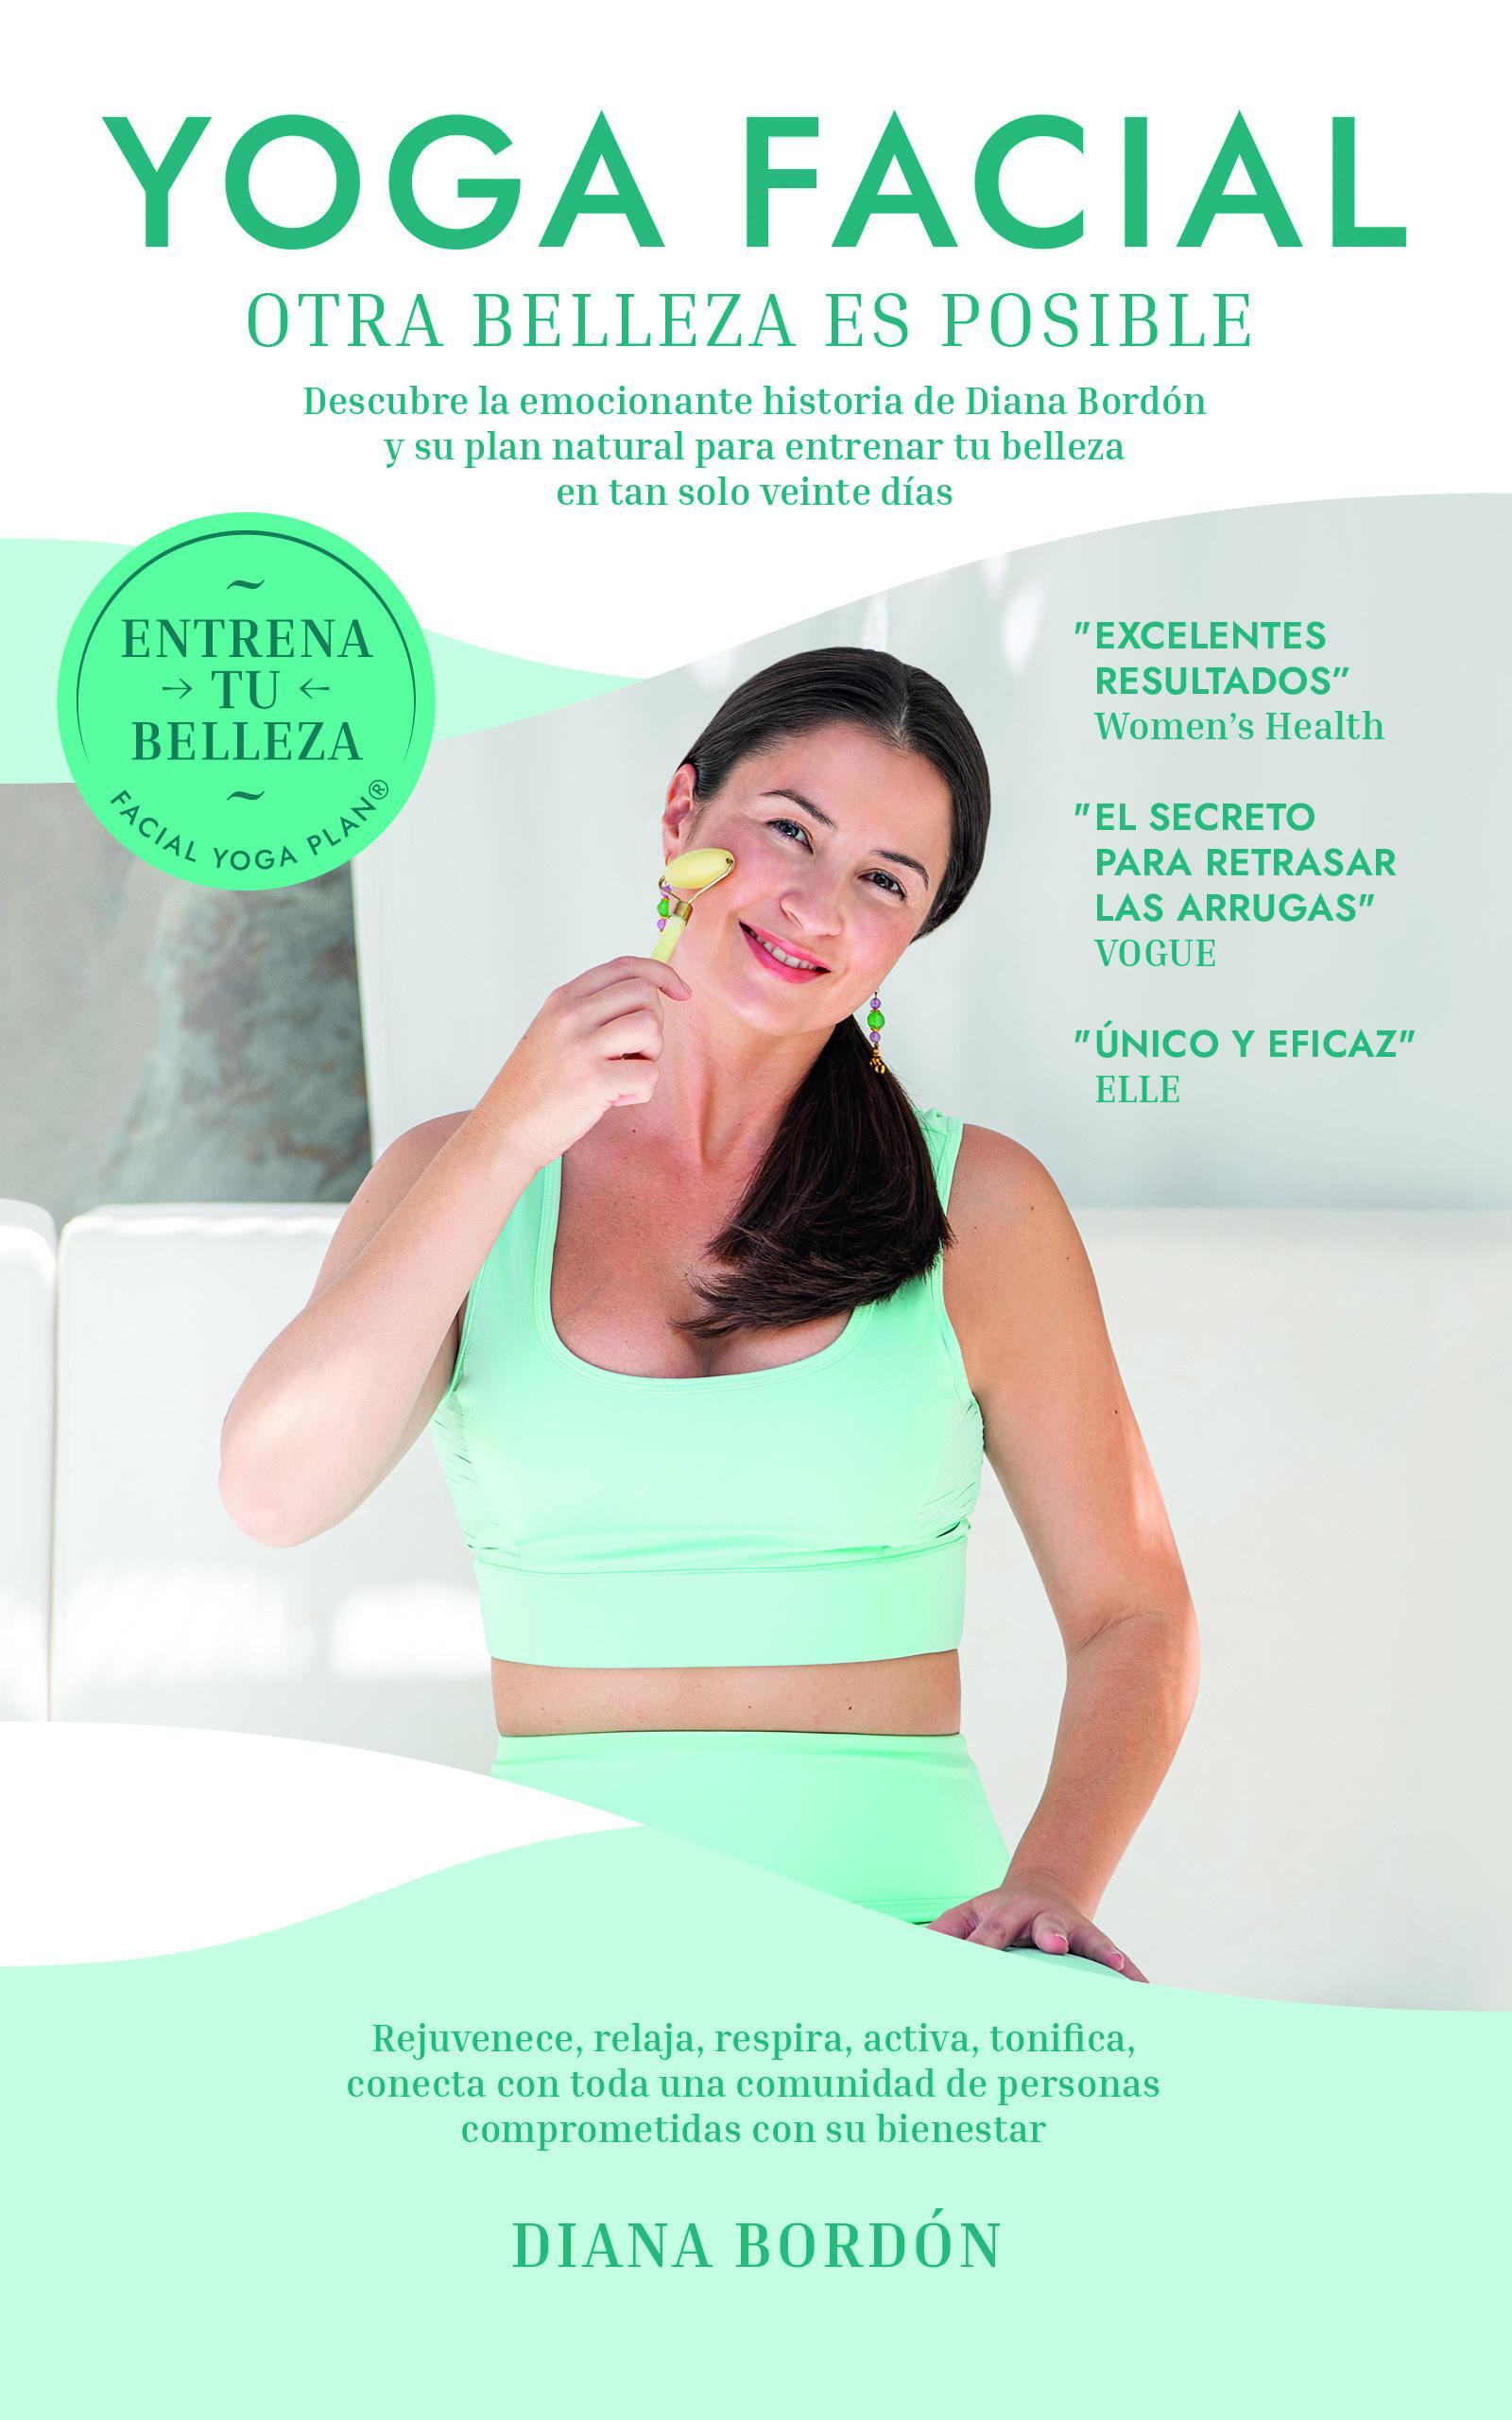 """Libro Yoga facial de Diana Bordón """"Otra belleza es posible""""."""